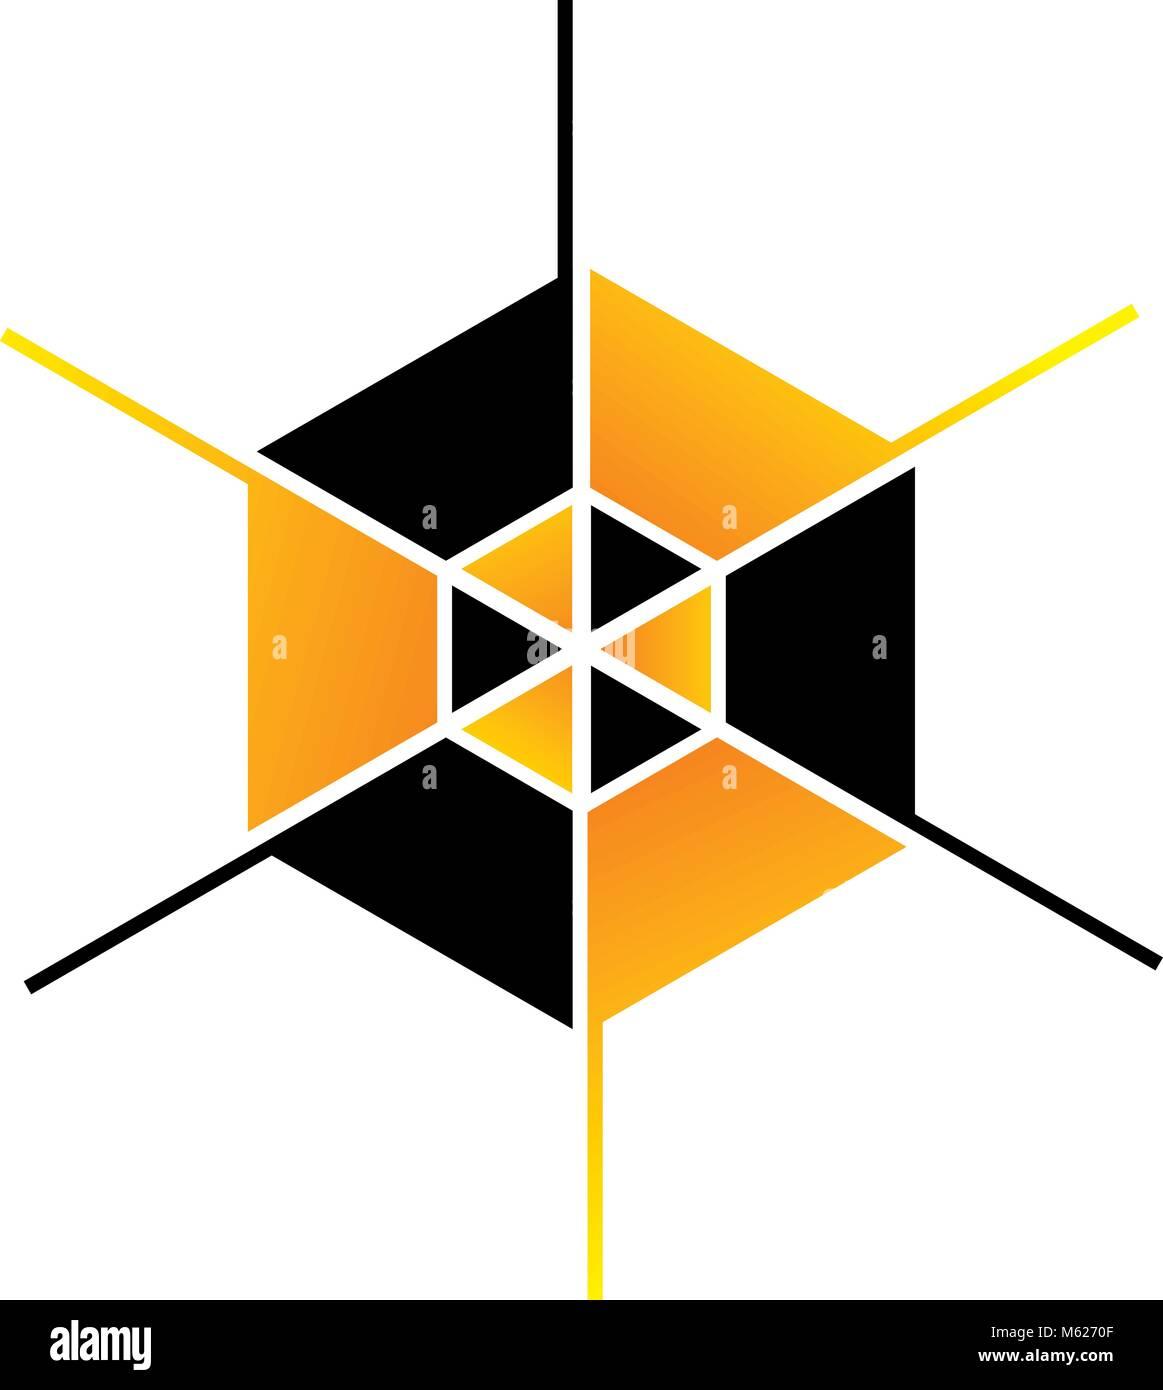 Magnífico Plantilla Hexagonal De 1.5 Pulgadas Galería - Colección De ...